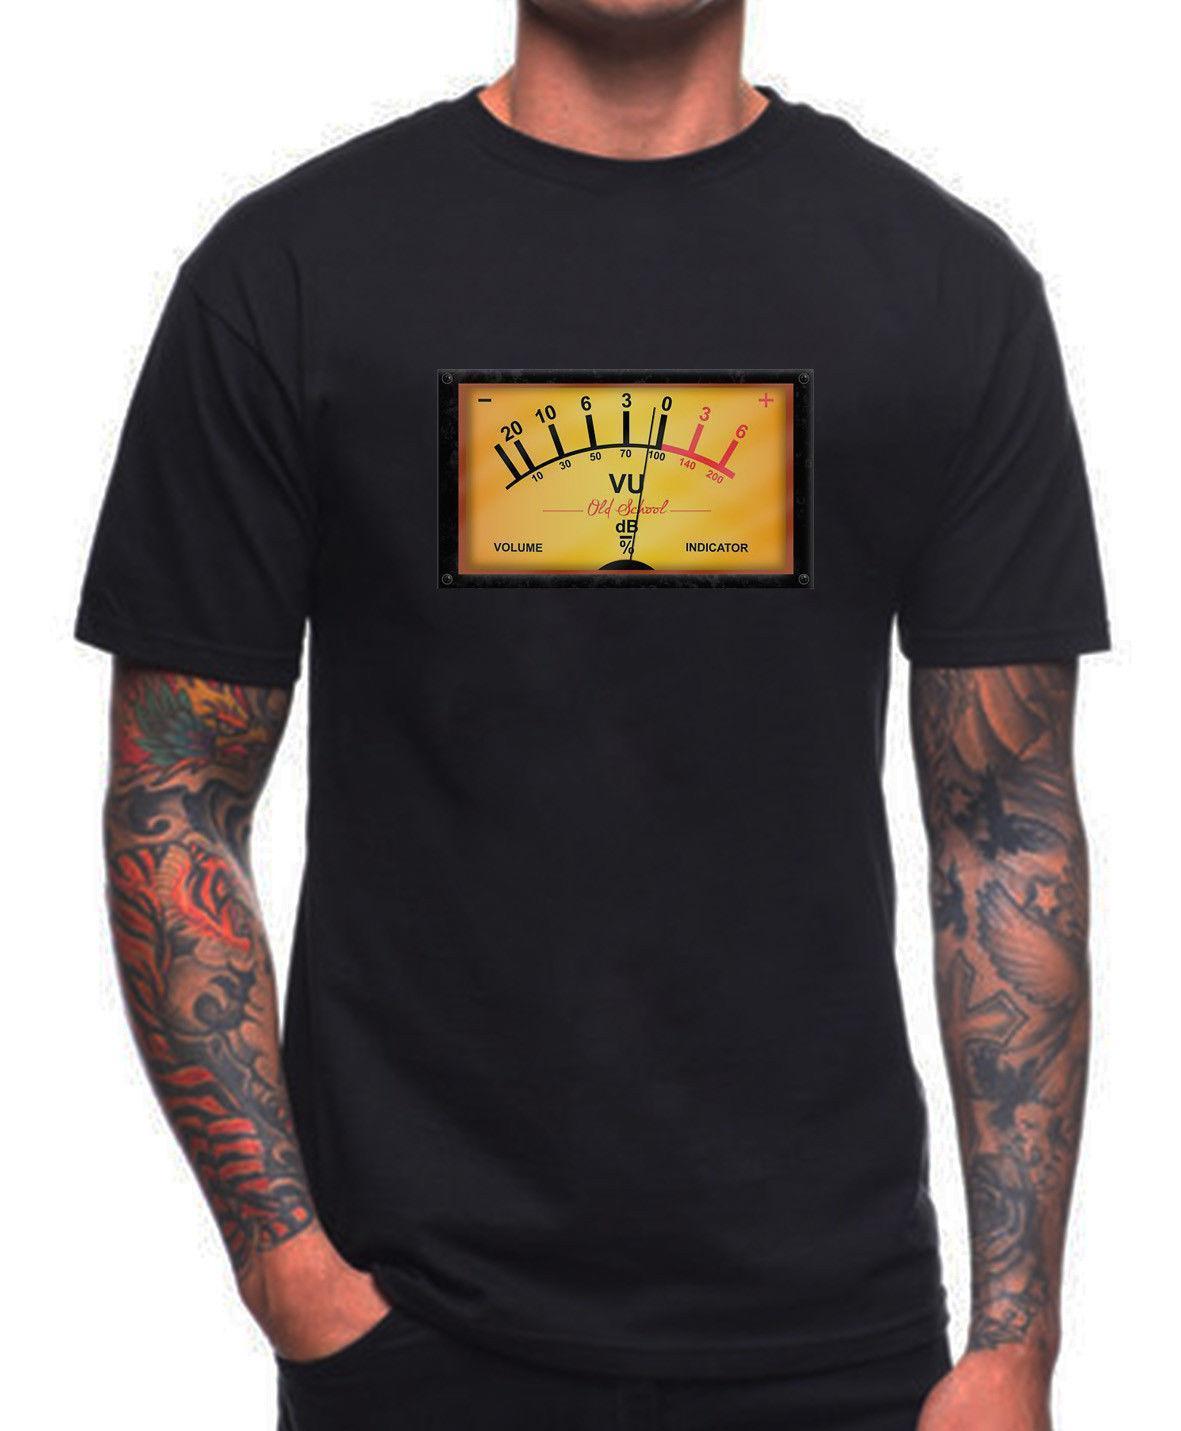 Grosshandel Audiophile T Shirt Musik Amp Vinyl Dj Decks Birthday Present Geschenk Vintage Retro Von Linnan005 1208 Auf DeDhgateCom